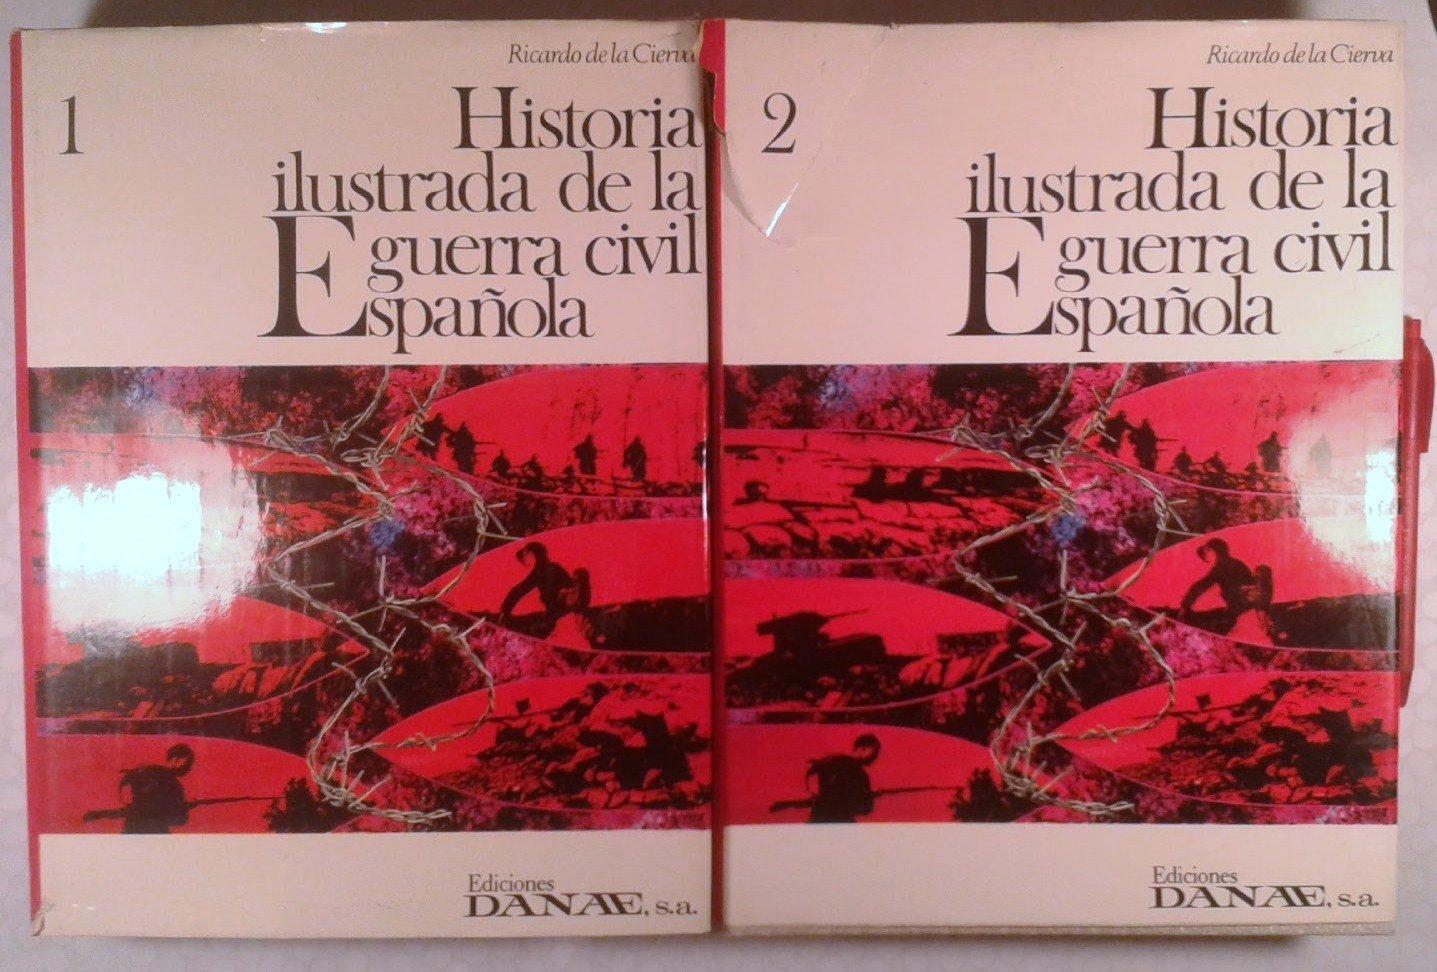 Historia ilustrada de la guerra civil española: Amazon.es: Cierva y de Hoces, Ricardo de la: Libros en idiomas extranjeros